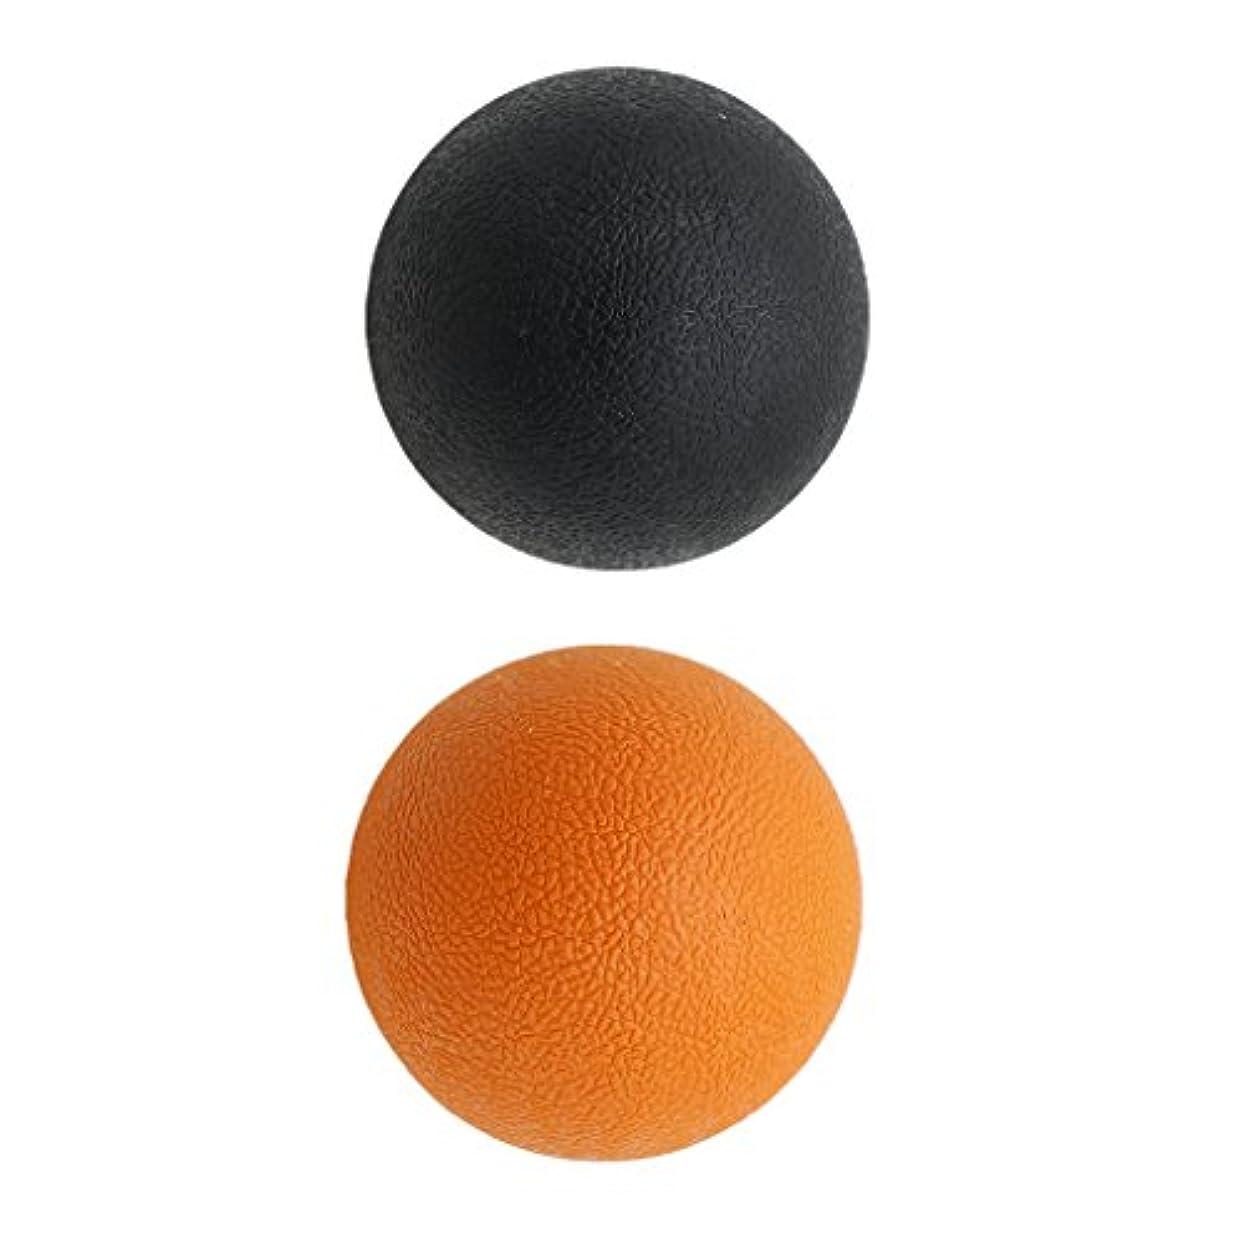 混乱メダル非難する2個 マッサージボール ラクロスボール 背部 トリガ ポイント マッサージ 多色選べる - オレンジブラック